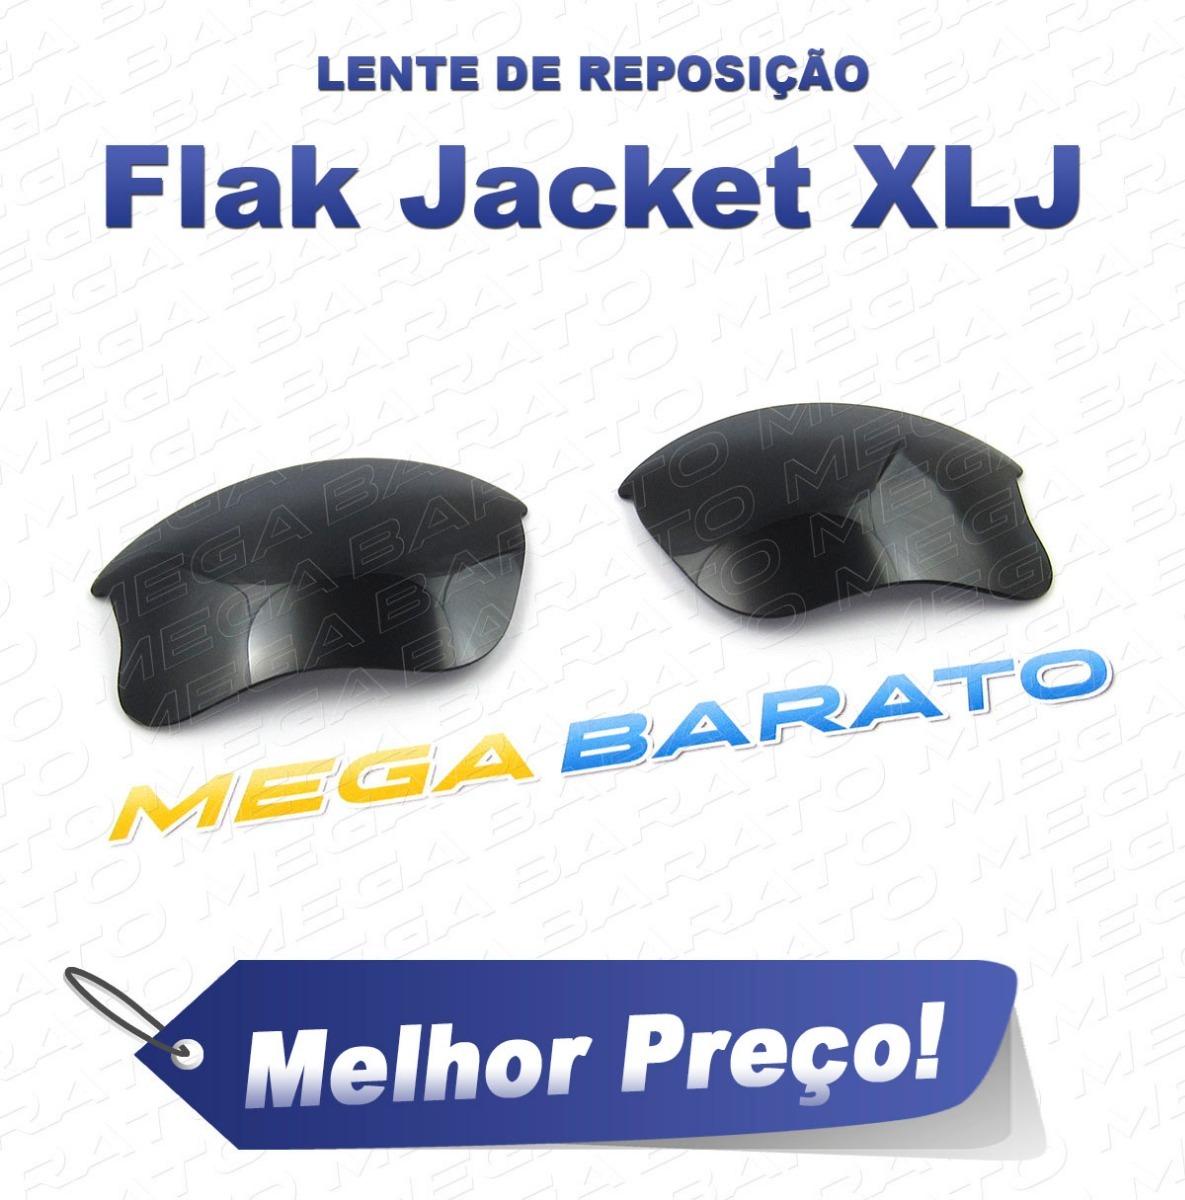 lente óculos flak jacket xlj preta stealth black polarizada. Carregando  zoom. a5cfa5699d